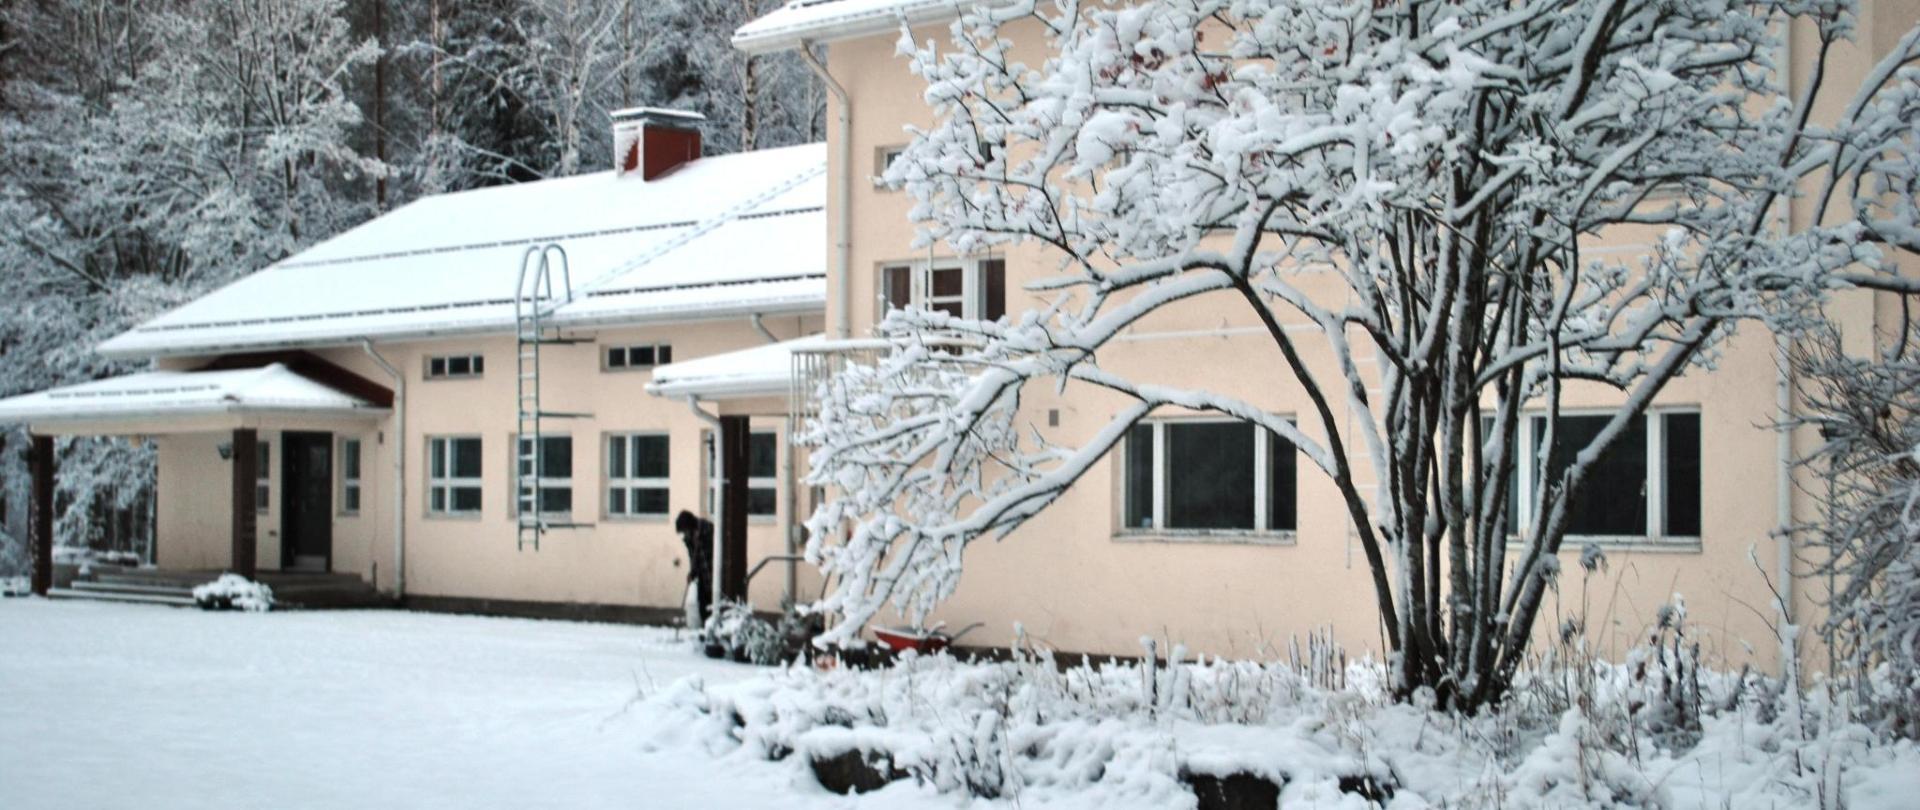 Eerste sneeuw en Erik DSC_4738.JPG